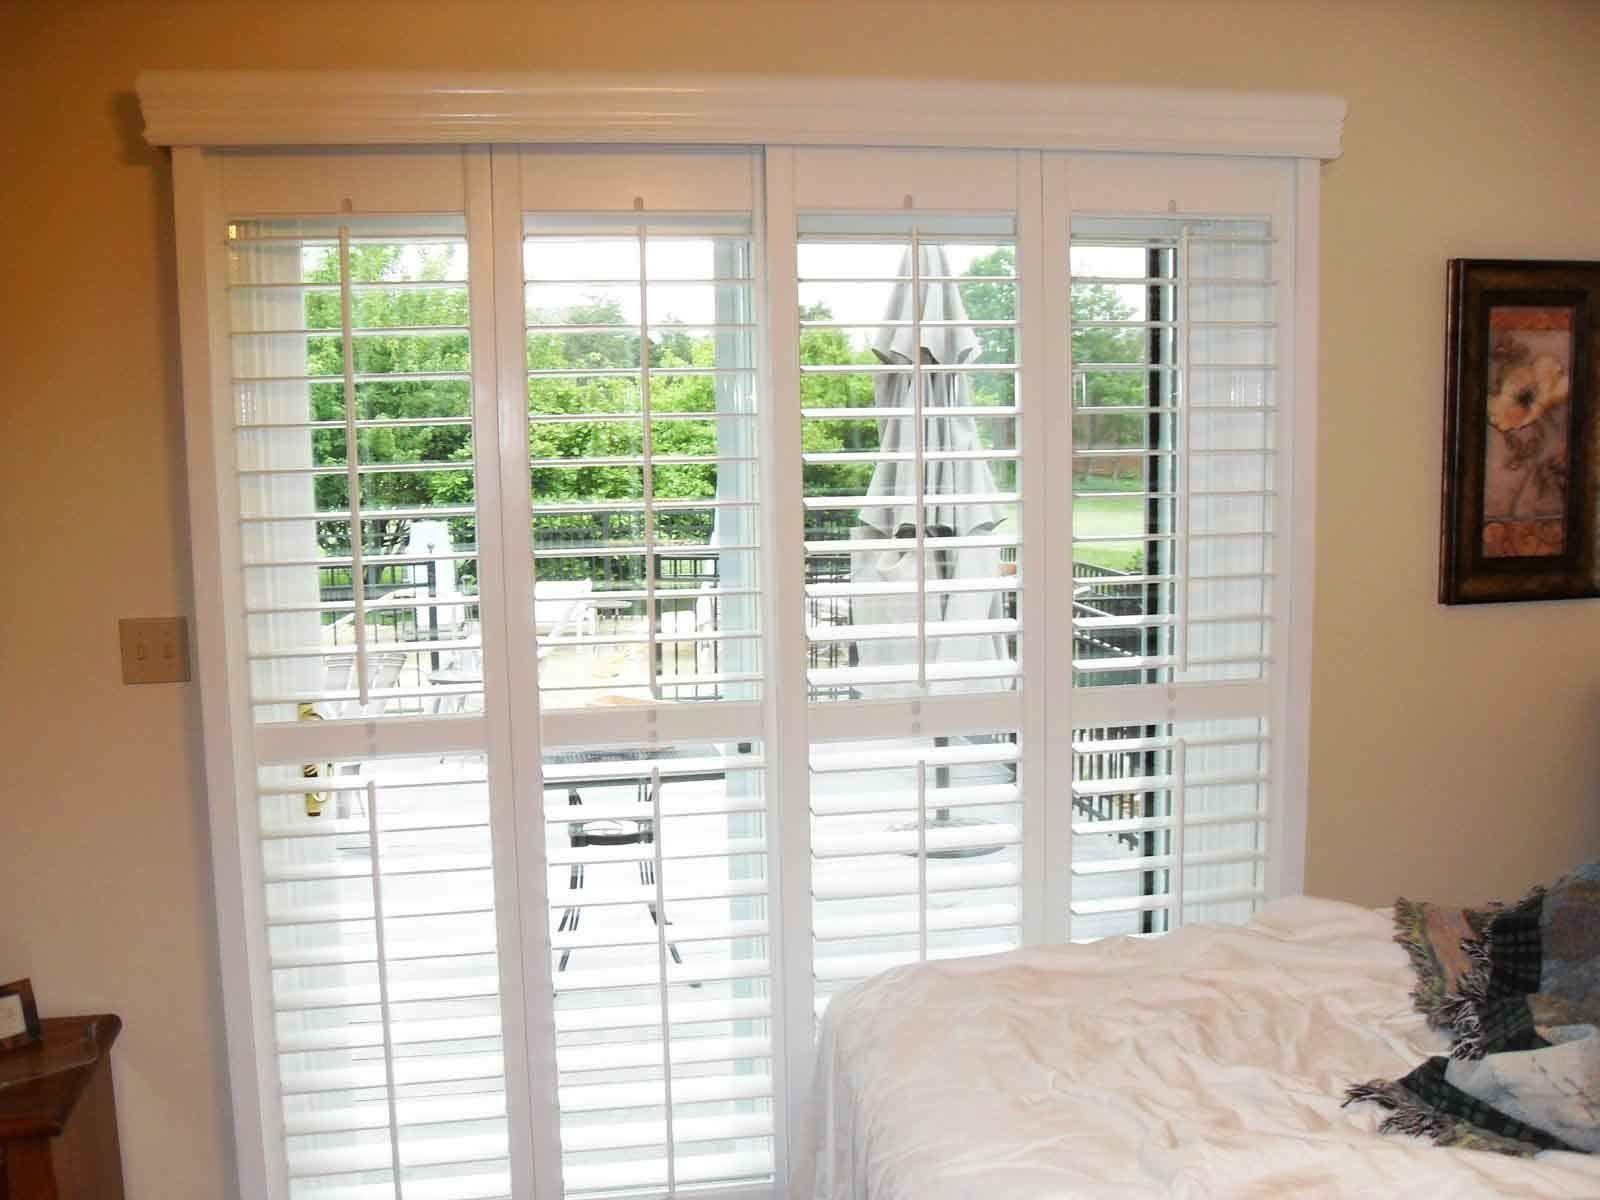 Vertical Wooden Blinds For Patio Doors Verticalblindsexterior